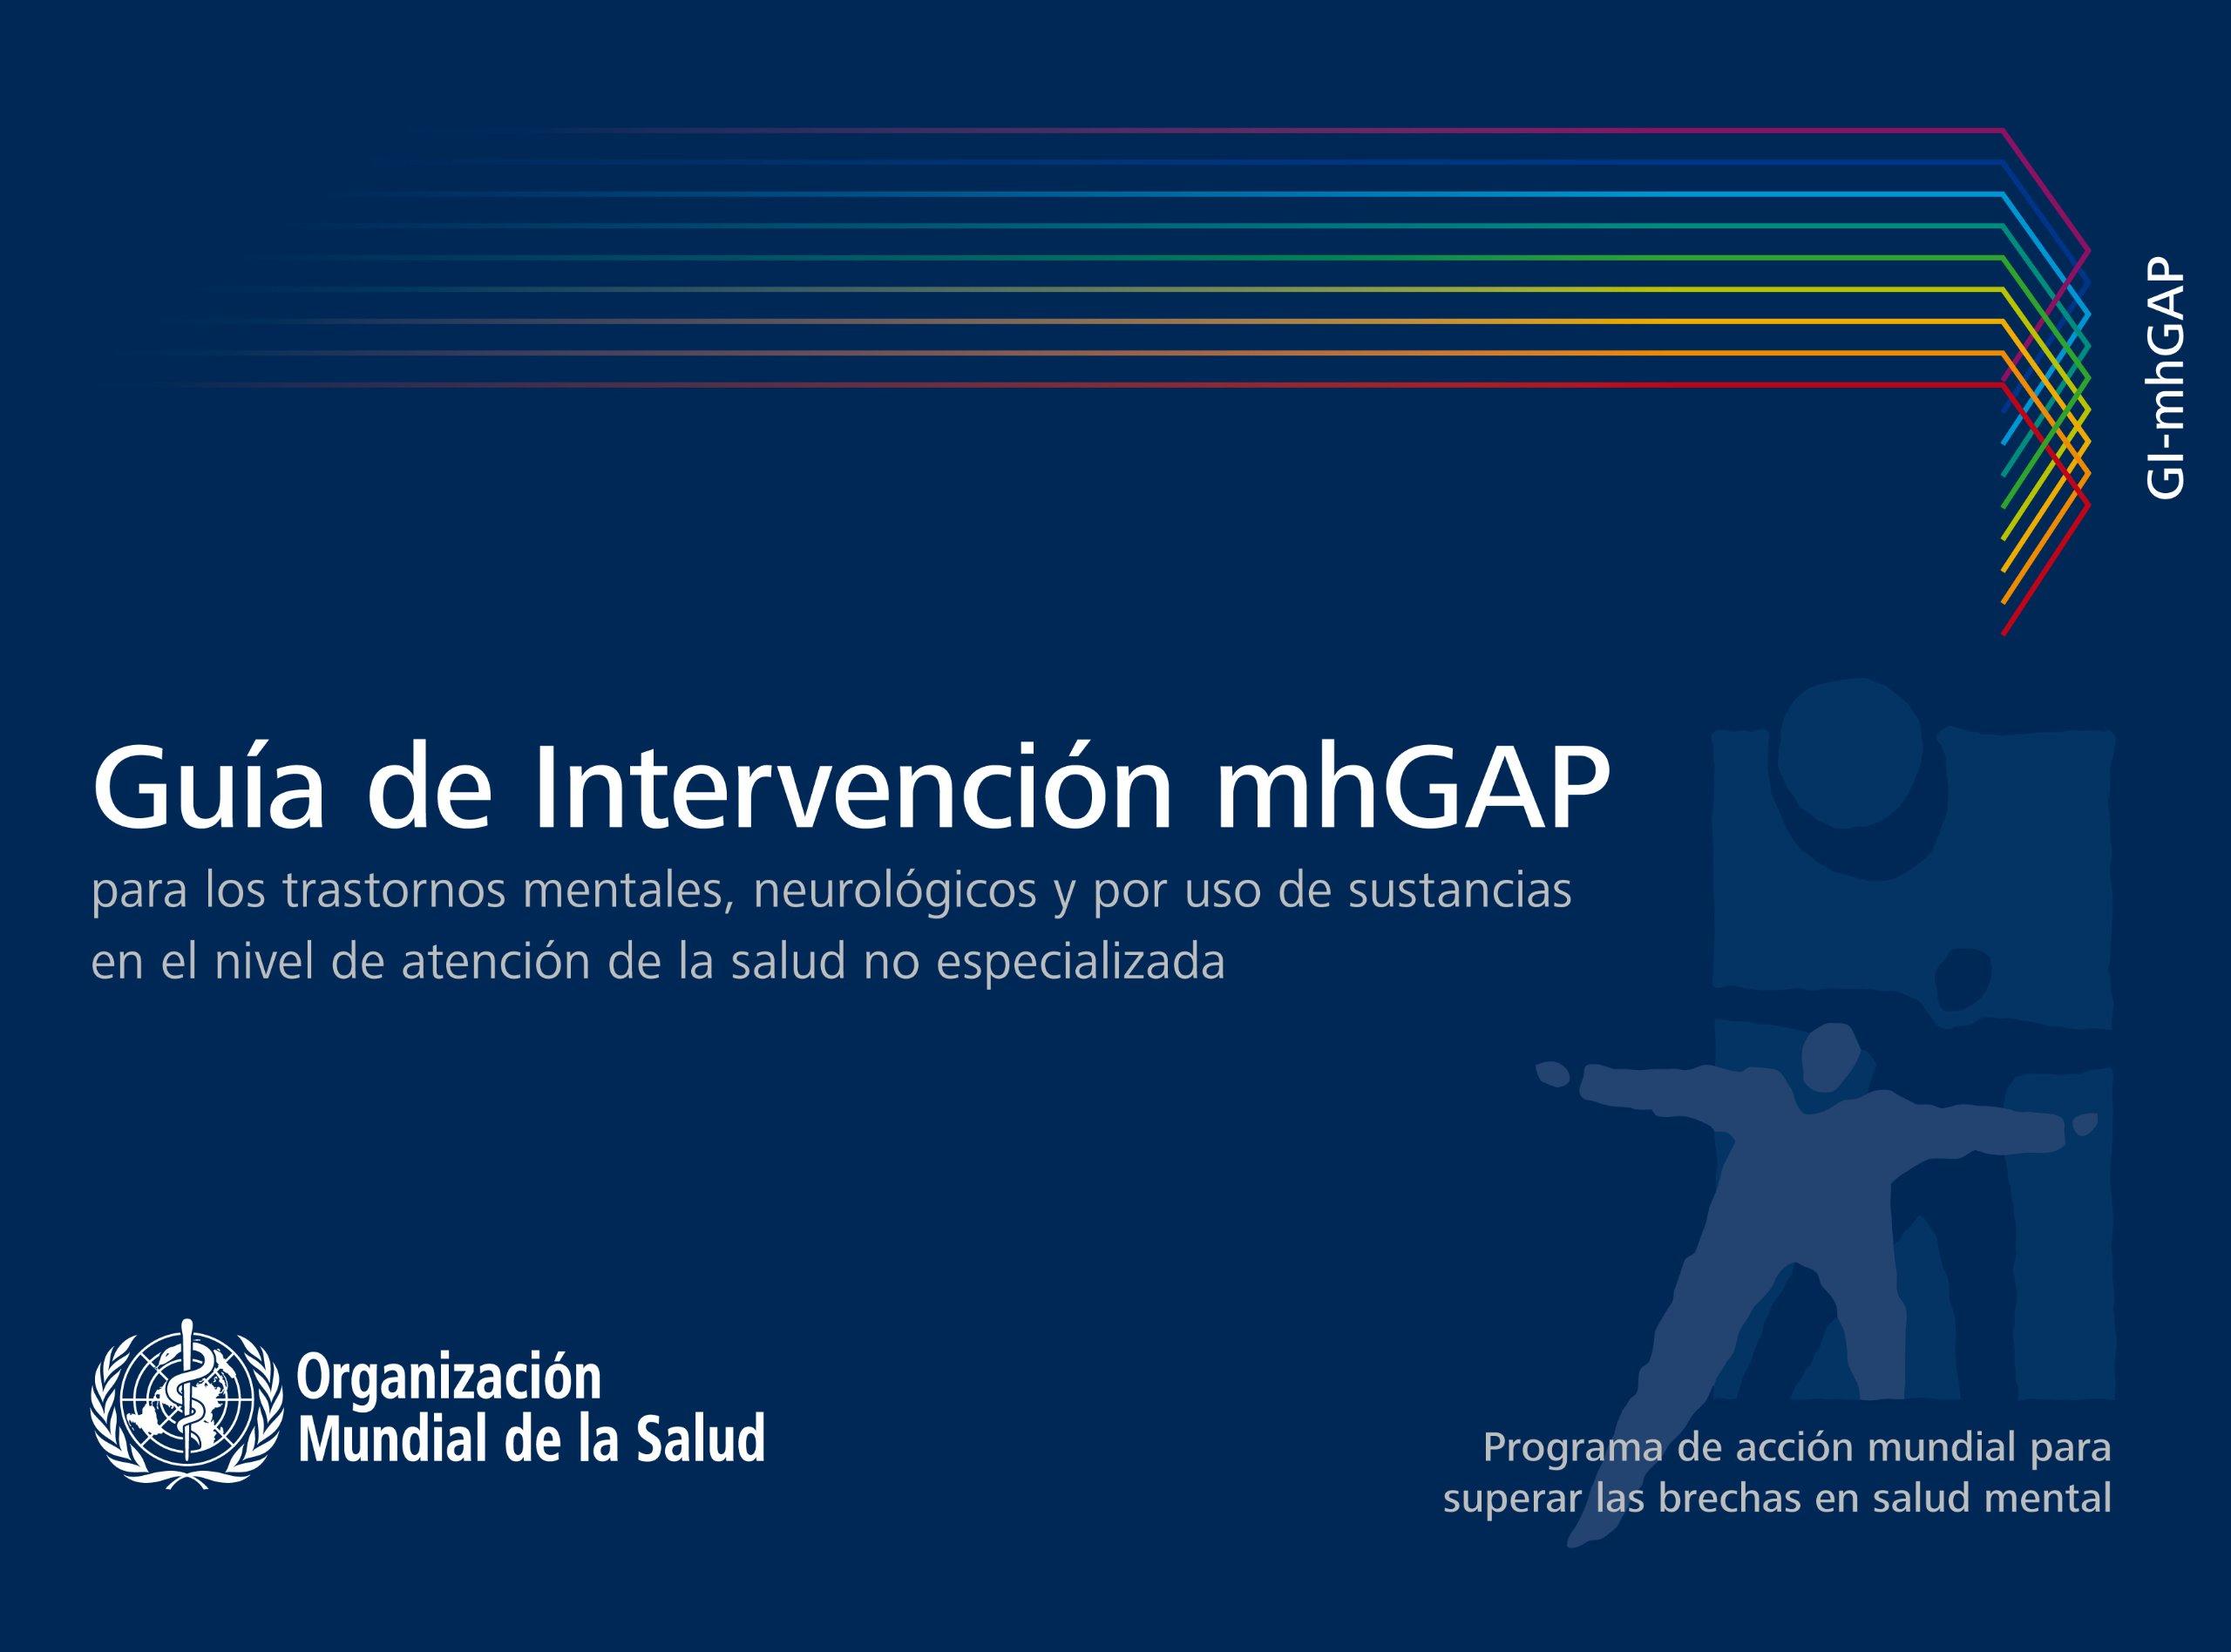 Guía de Intervención Mhgap Para Los Trastornos Mentales, Neurológicos Y Por USO de Sustancias En El Nivel de Atención de la Salud No Especializada: ...